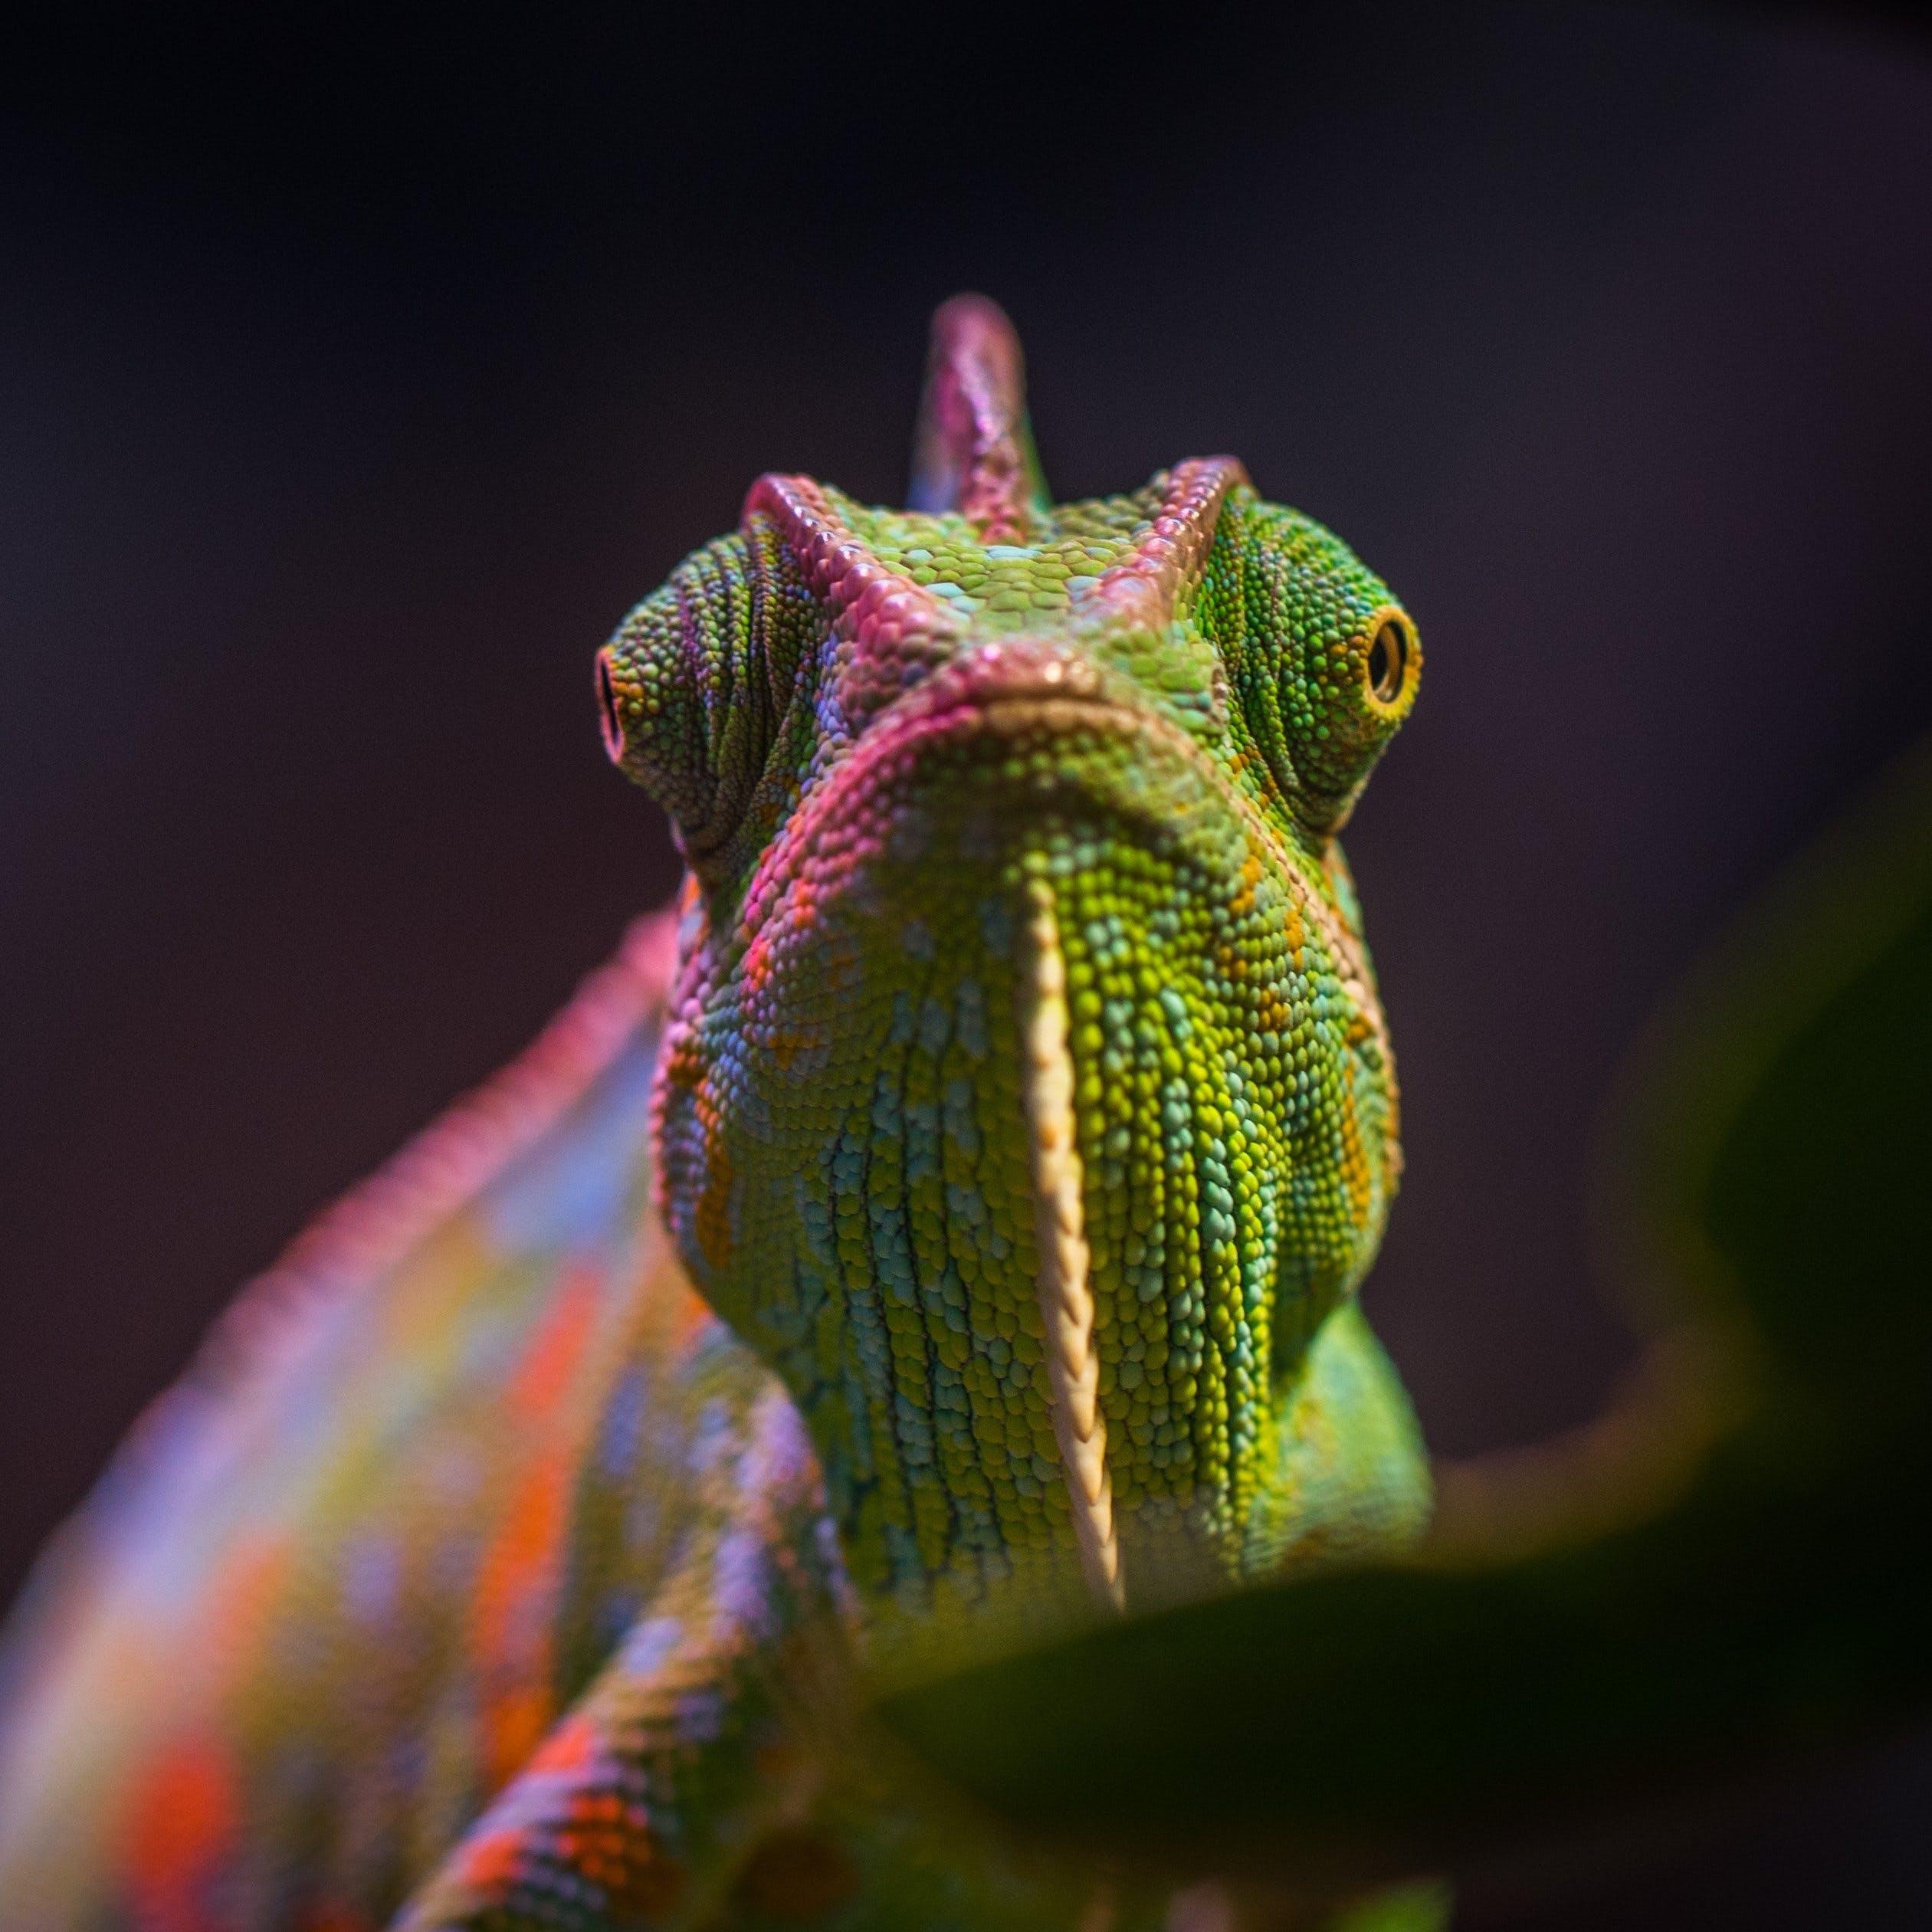 Wise Chameleon